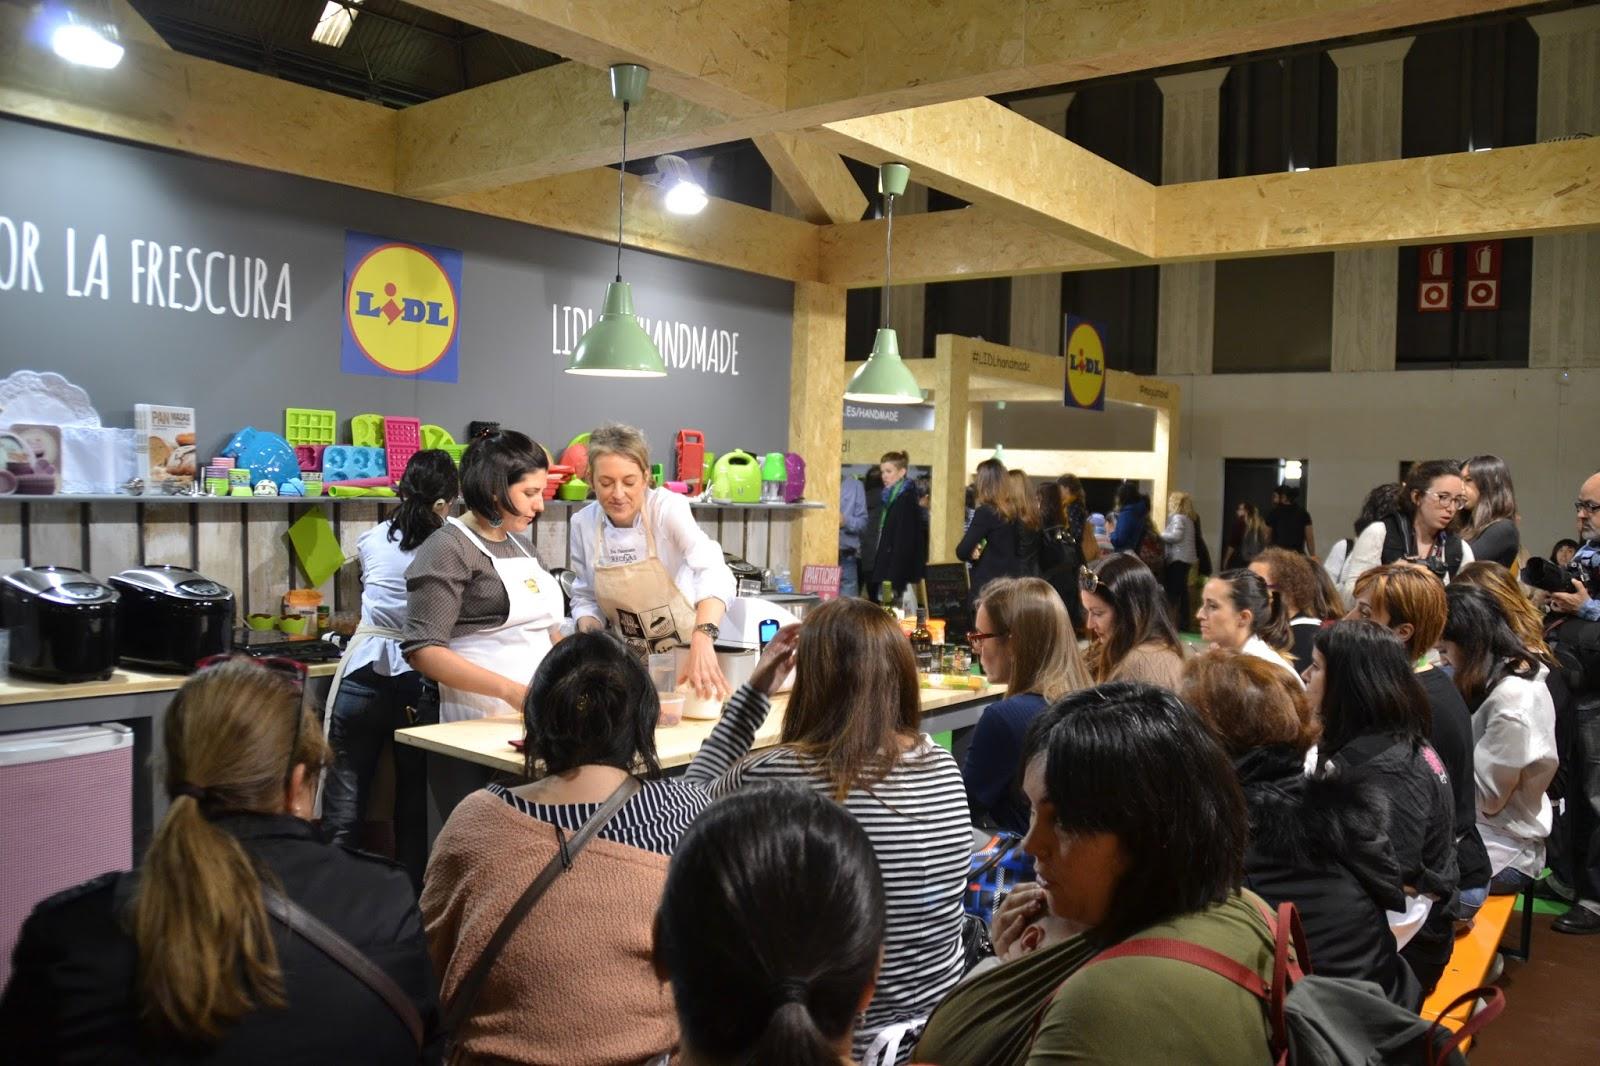 Taller de cocina - Handmade Festival de Barcelona 5